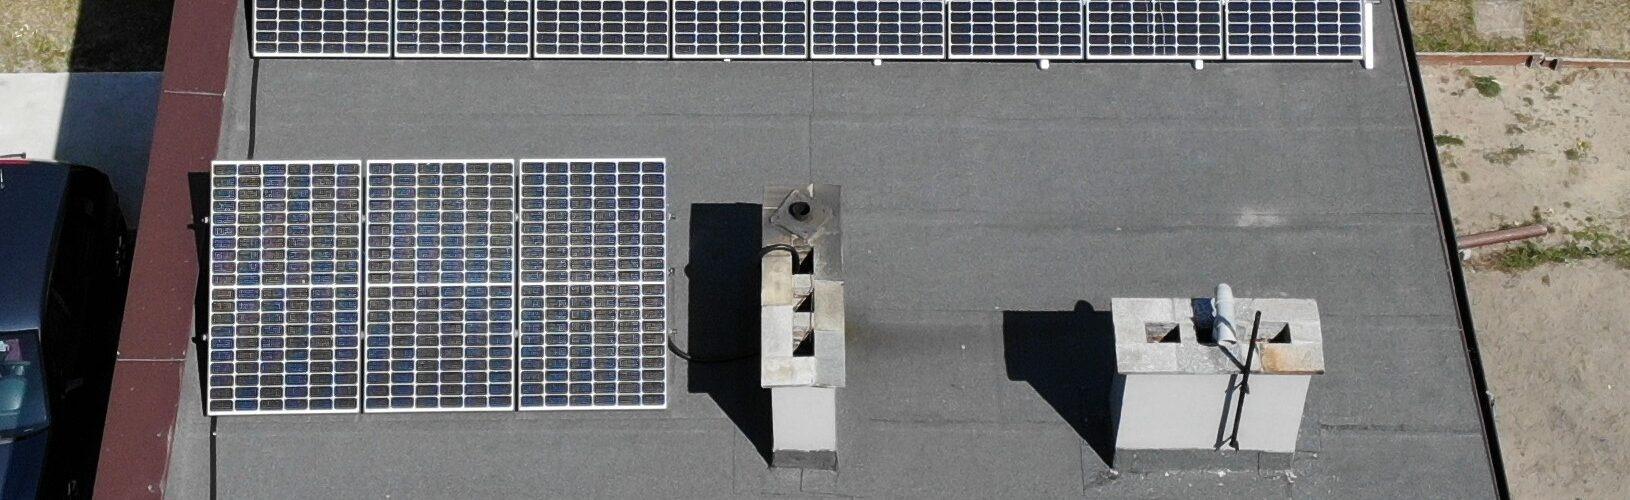 panele PV na dachu płaskim